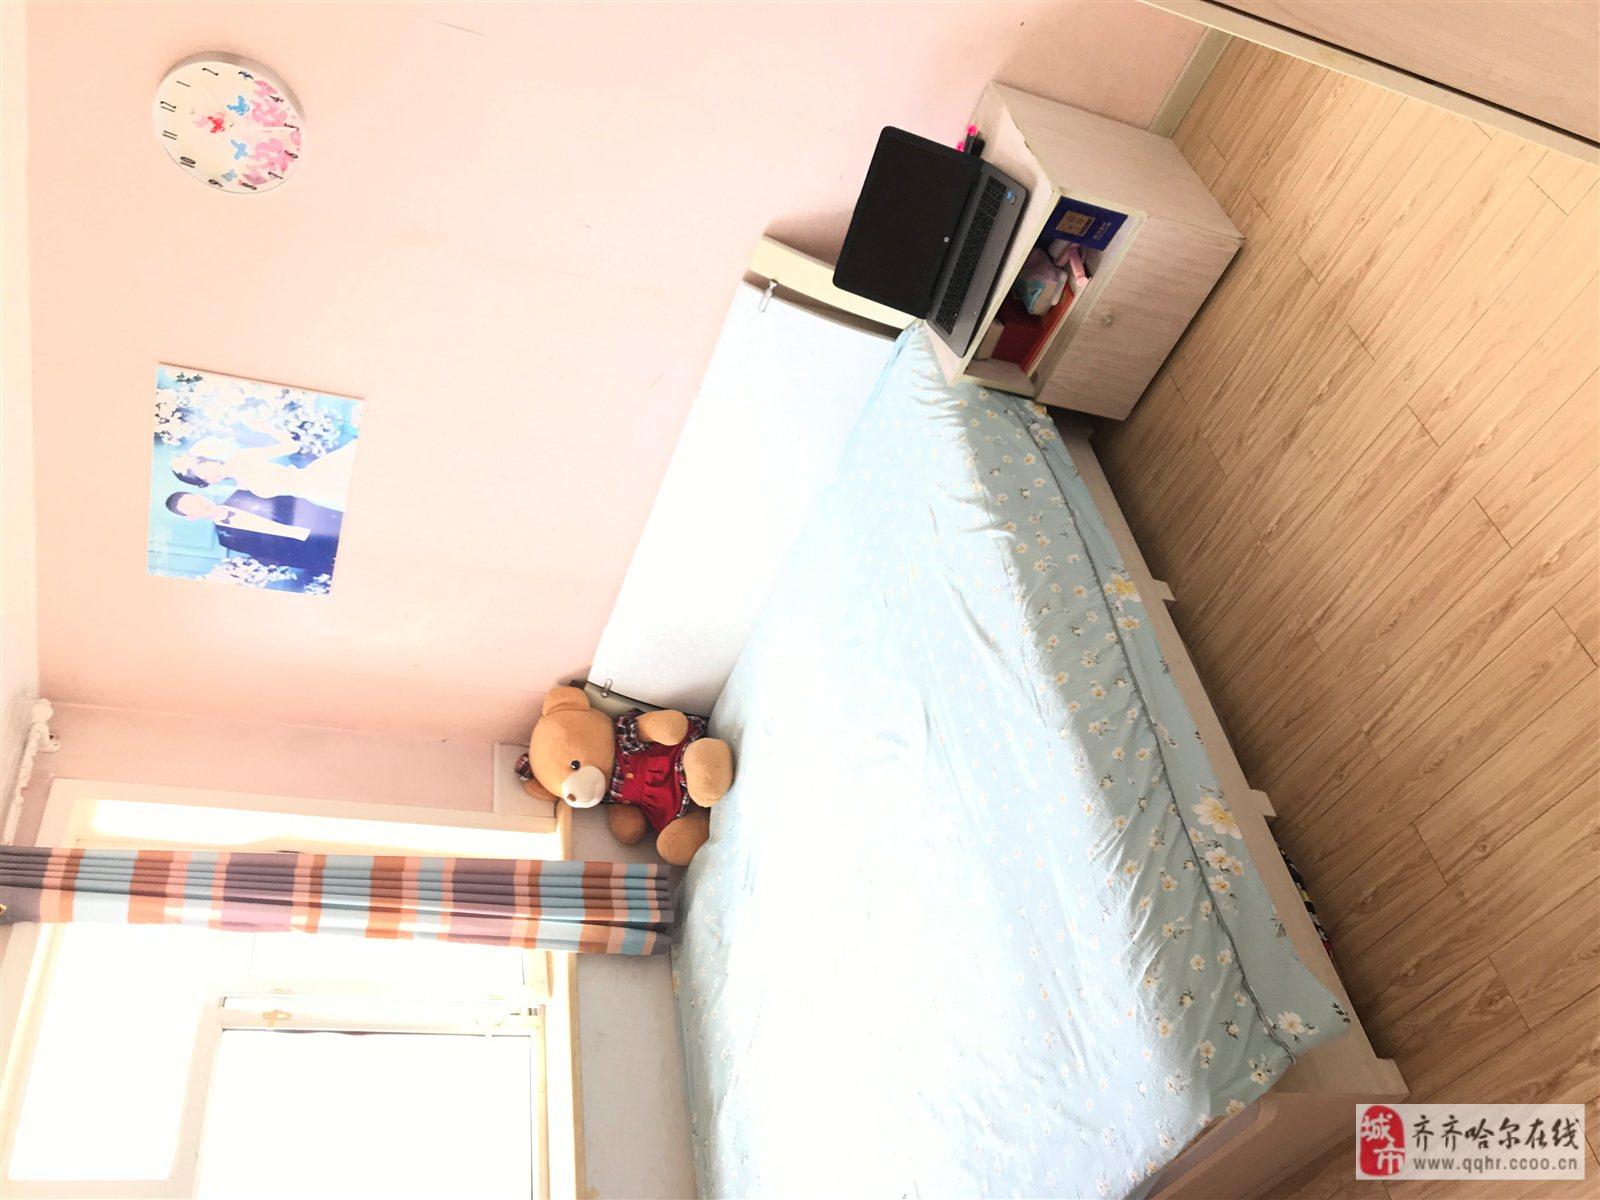 新合55平米 婚房出售6樓不頂,無大稅,可協助貸款